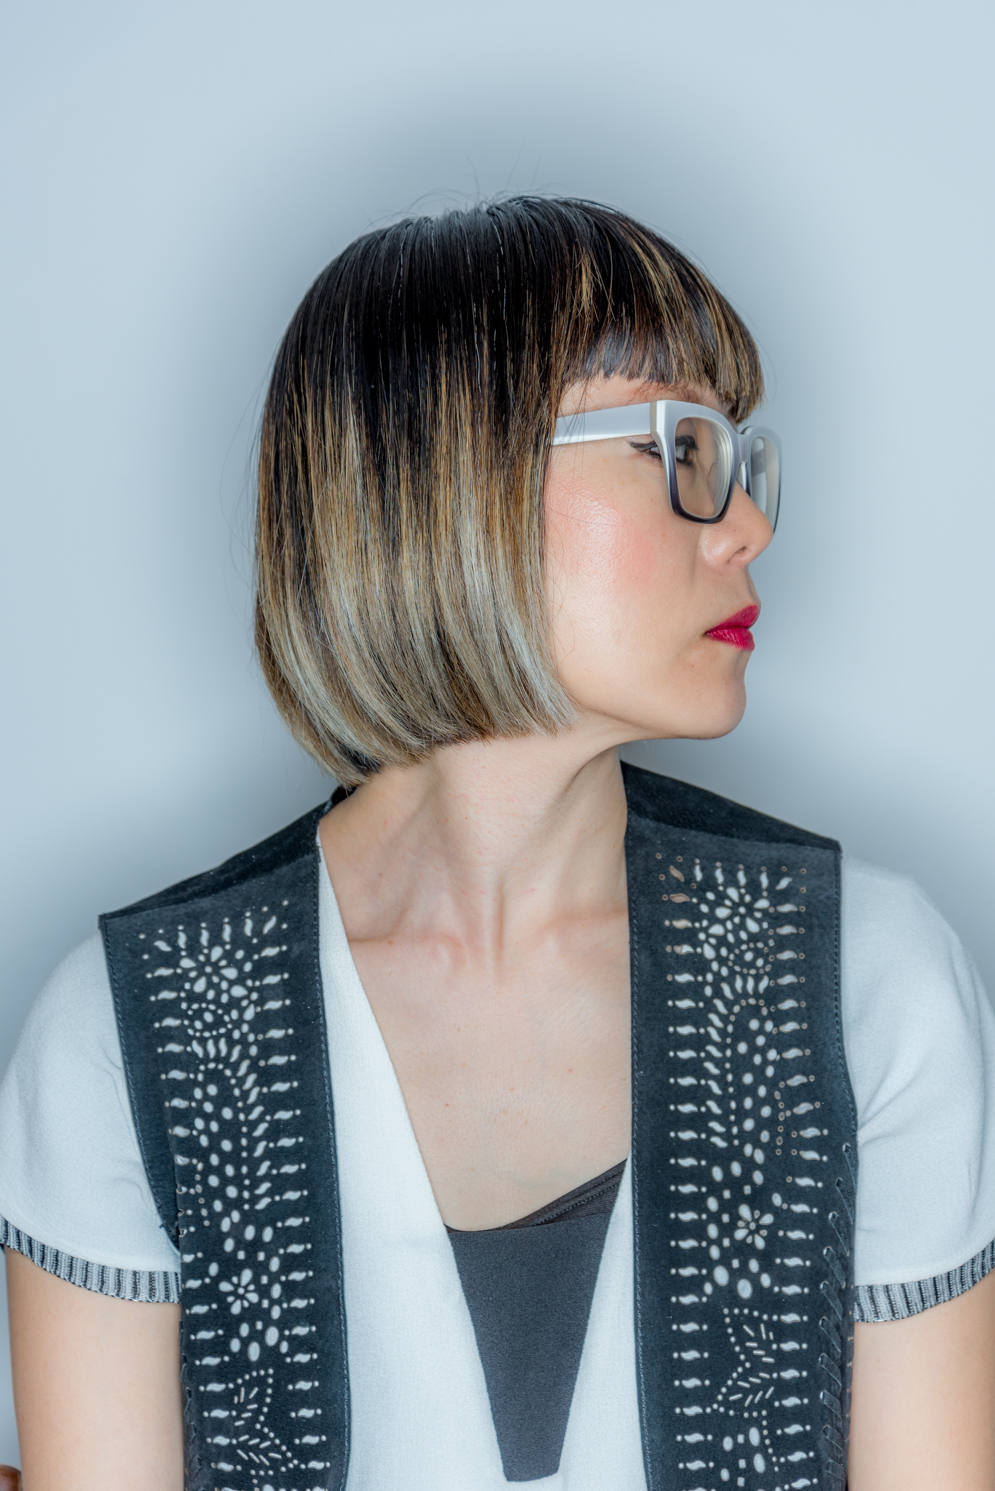 Rock mama nyc lifestyle blog-What Is Balayage Highlights ニューヨークで流行のバレイヤージュカラーとは